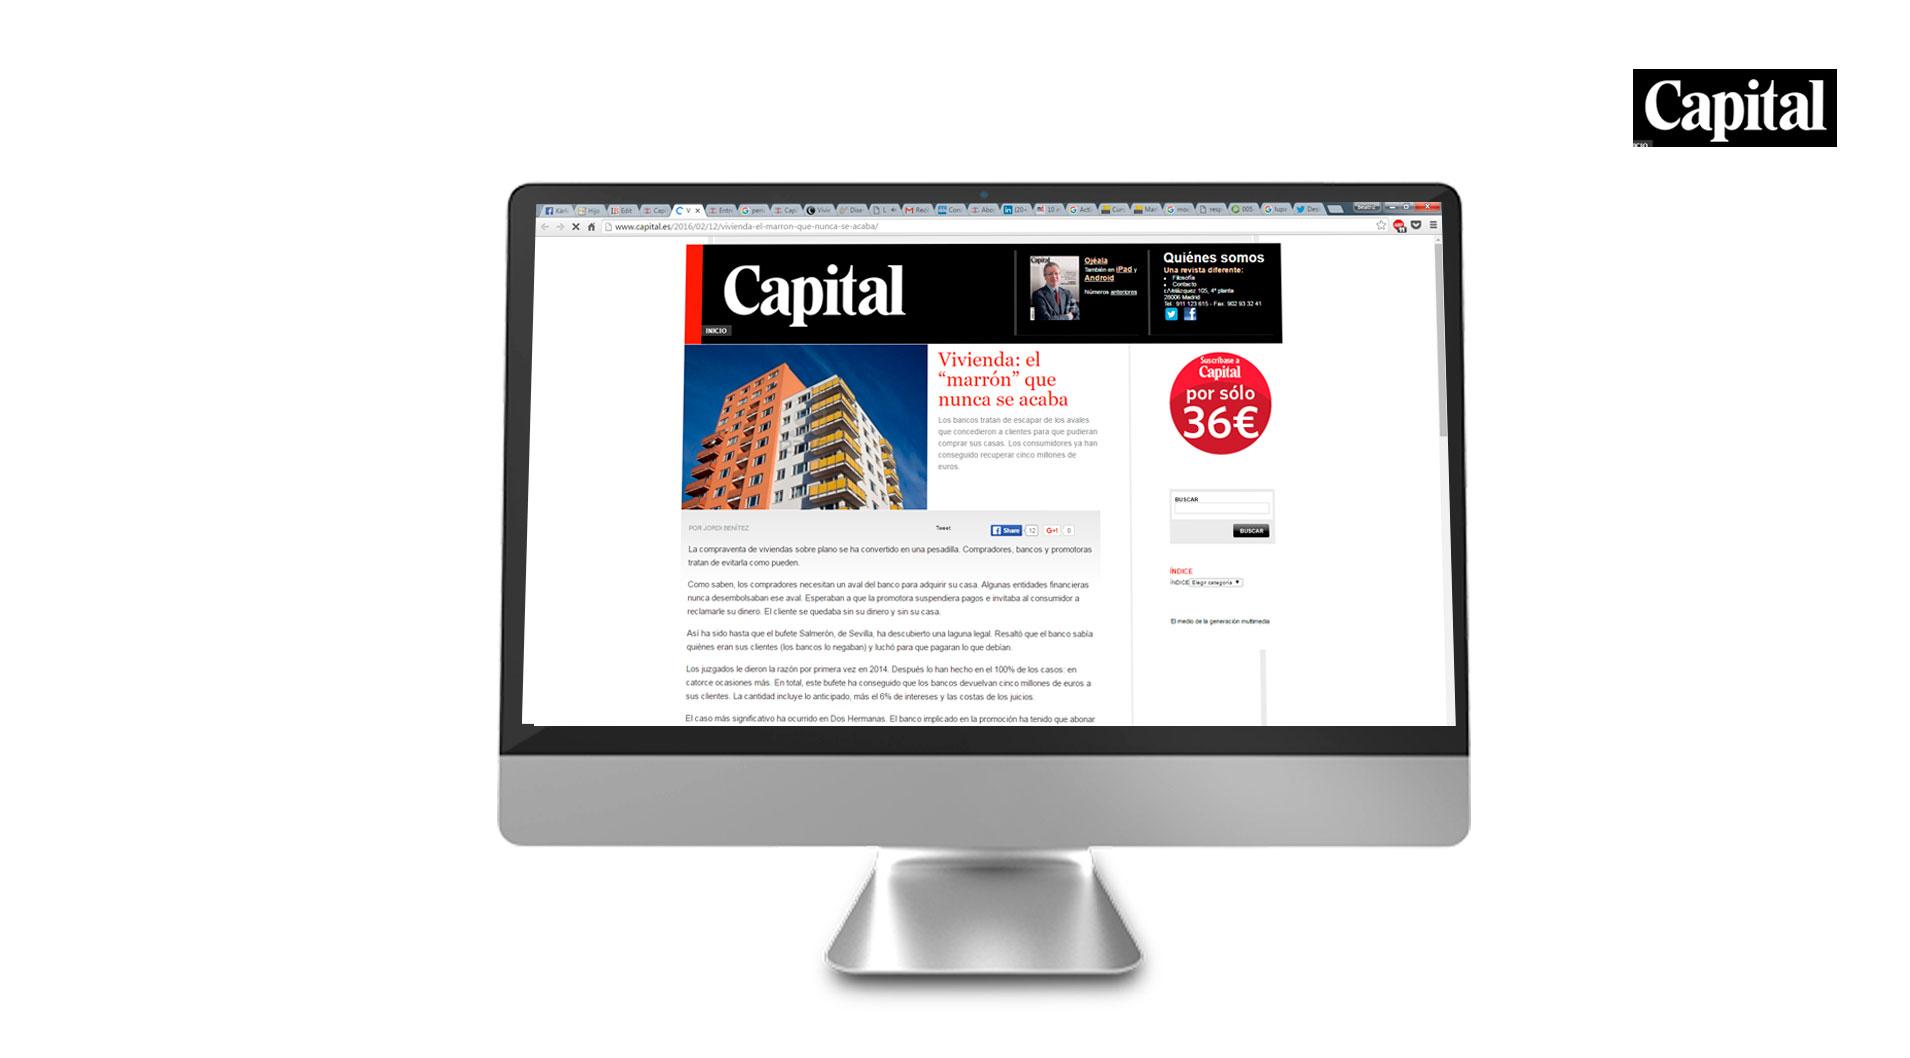 Capital.es informa de nuestro éxito en la reclamación de cantidades de viviendas sobre plano que nunca se entregaron